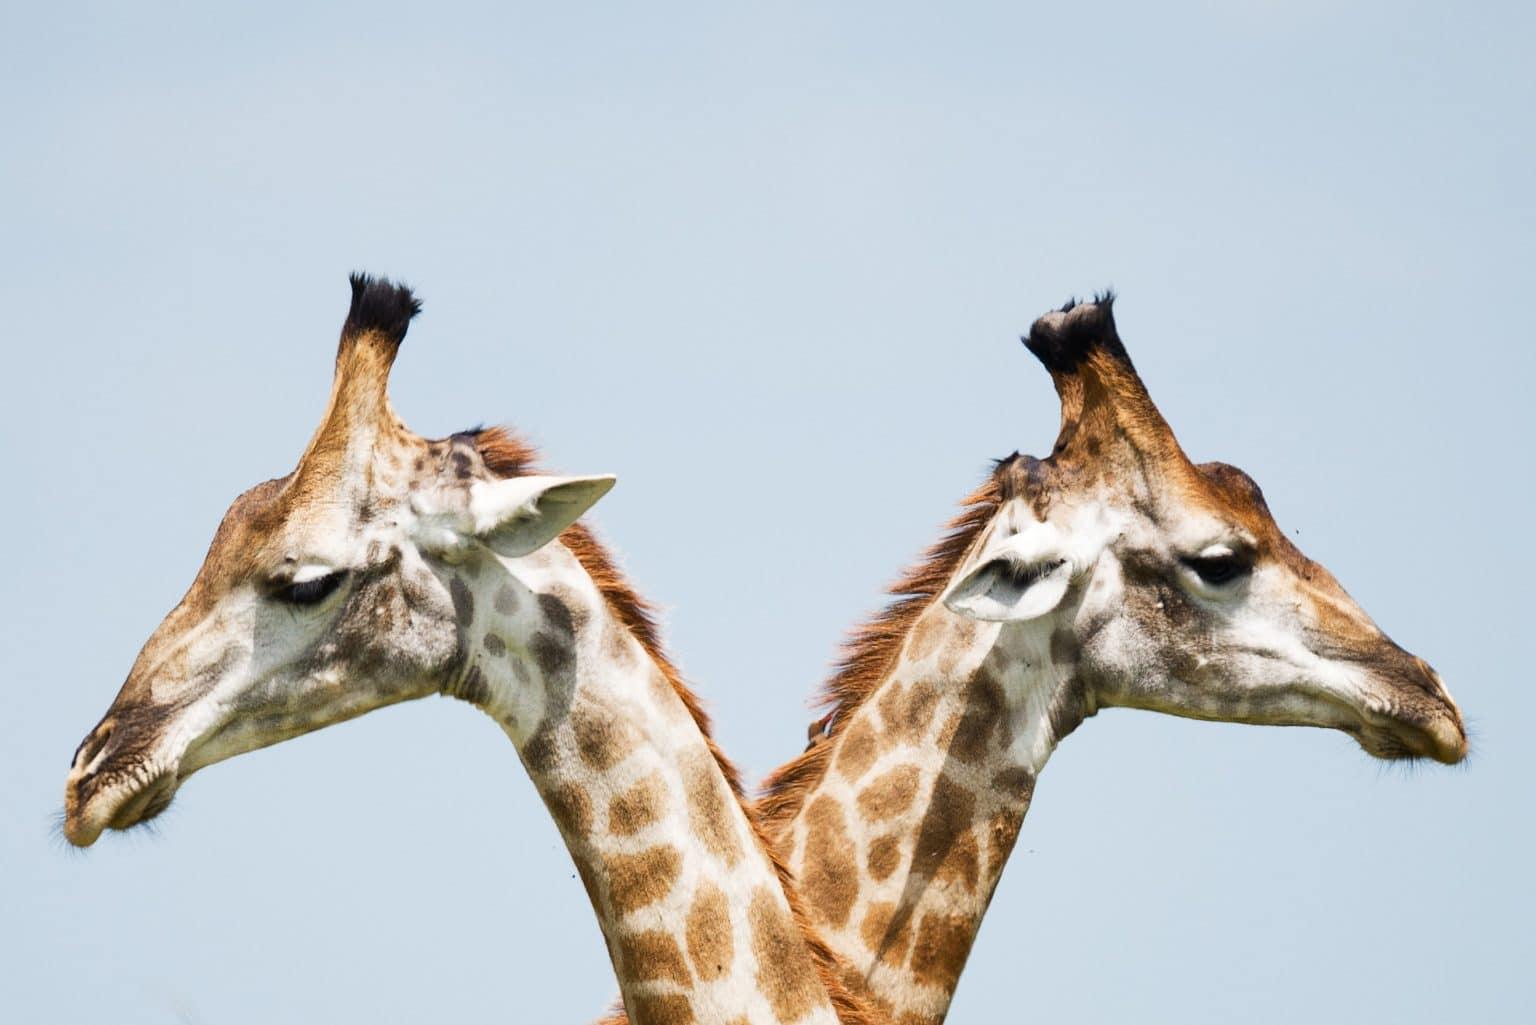 Sternzeichen Zwilling Zwei Giraffen Köpfe symmetrisch for blaugrauem Himmel